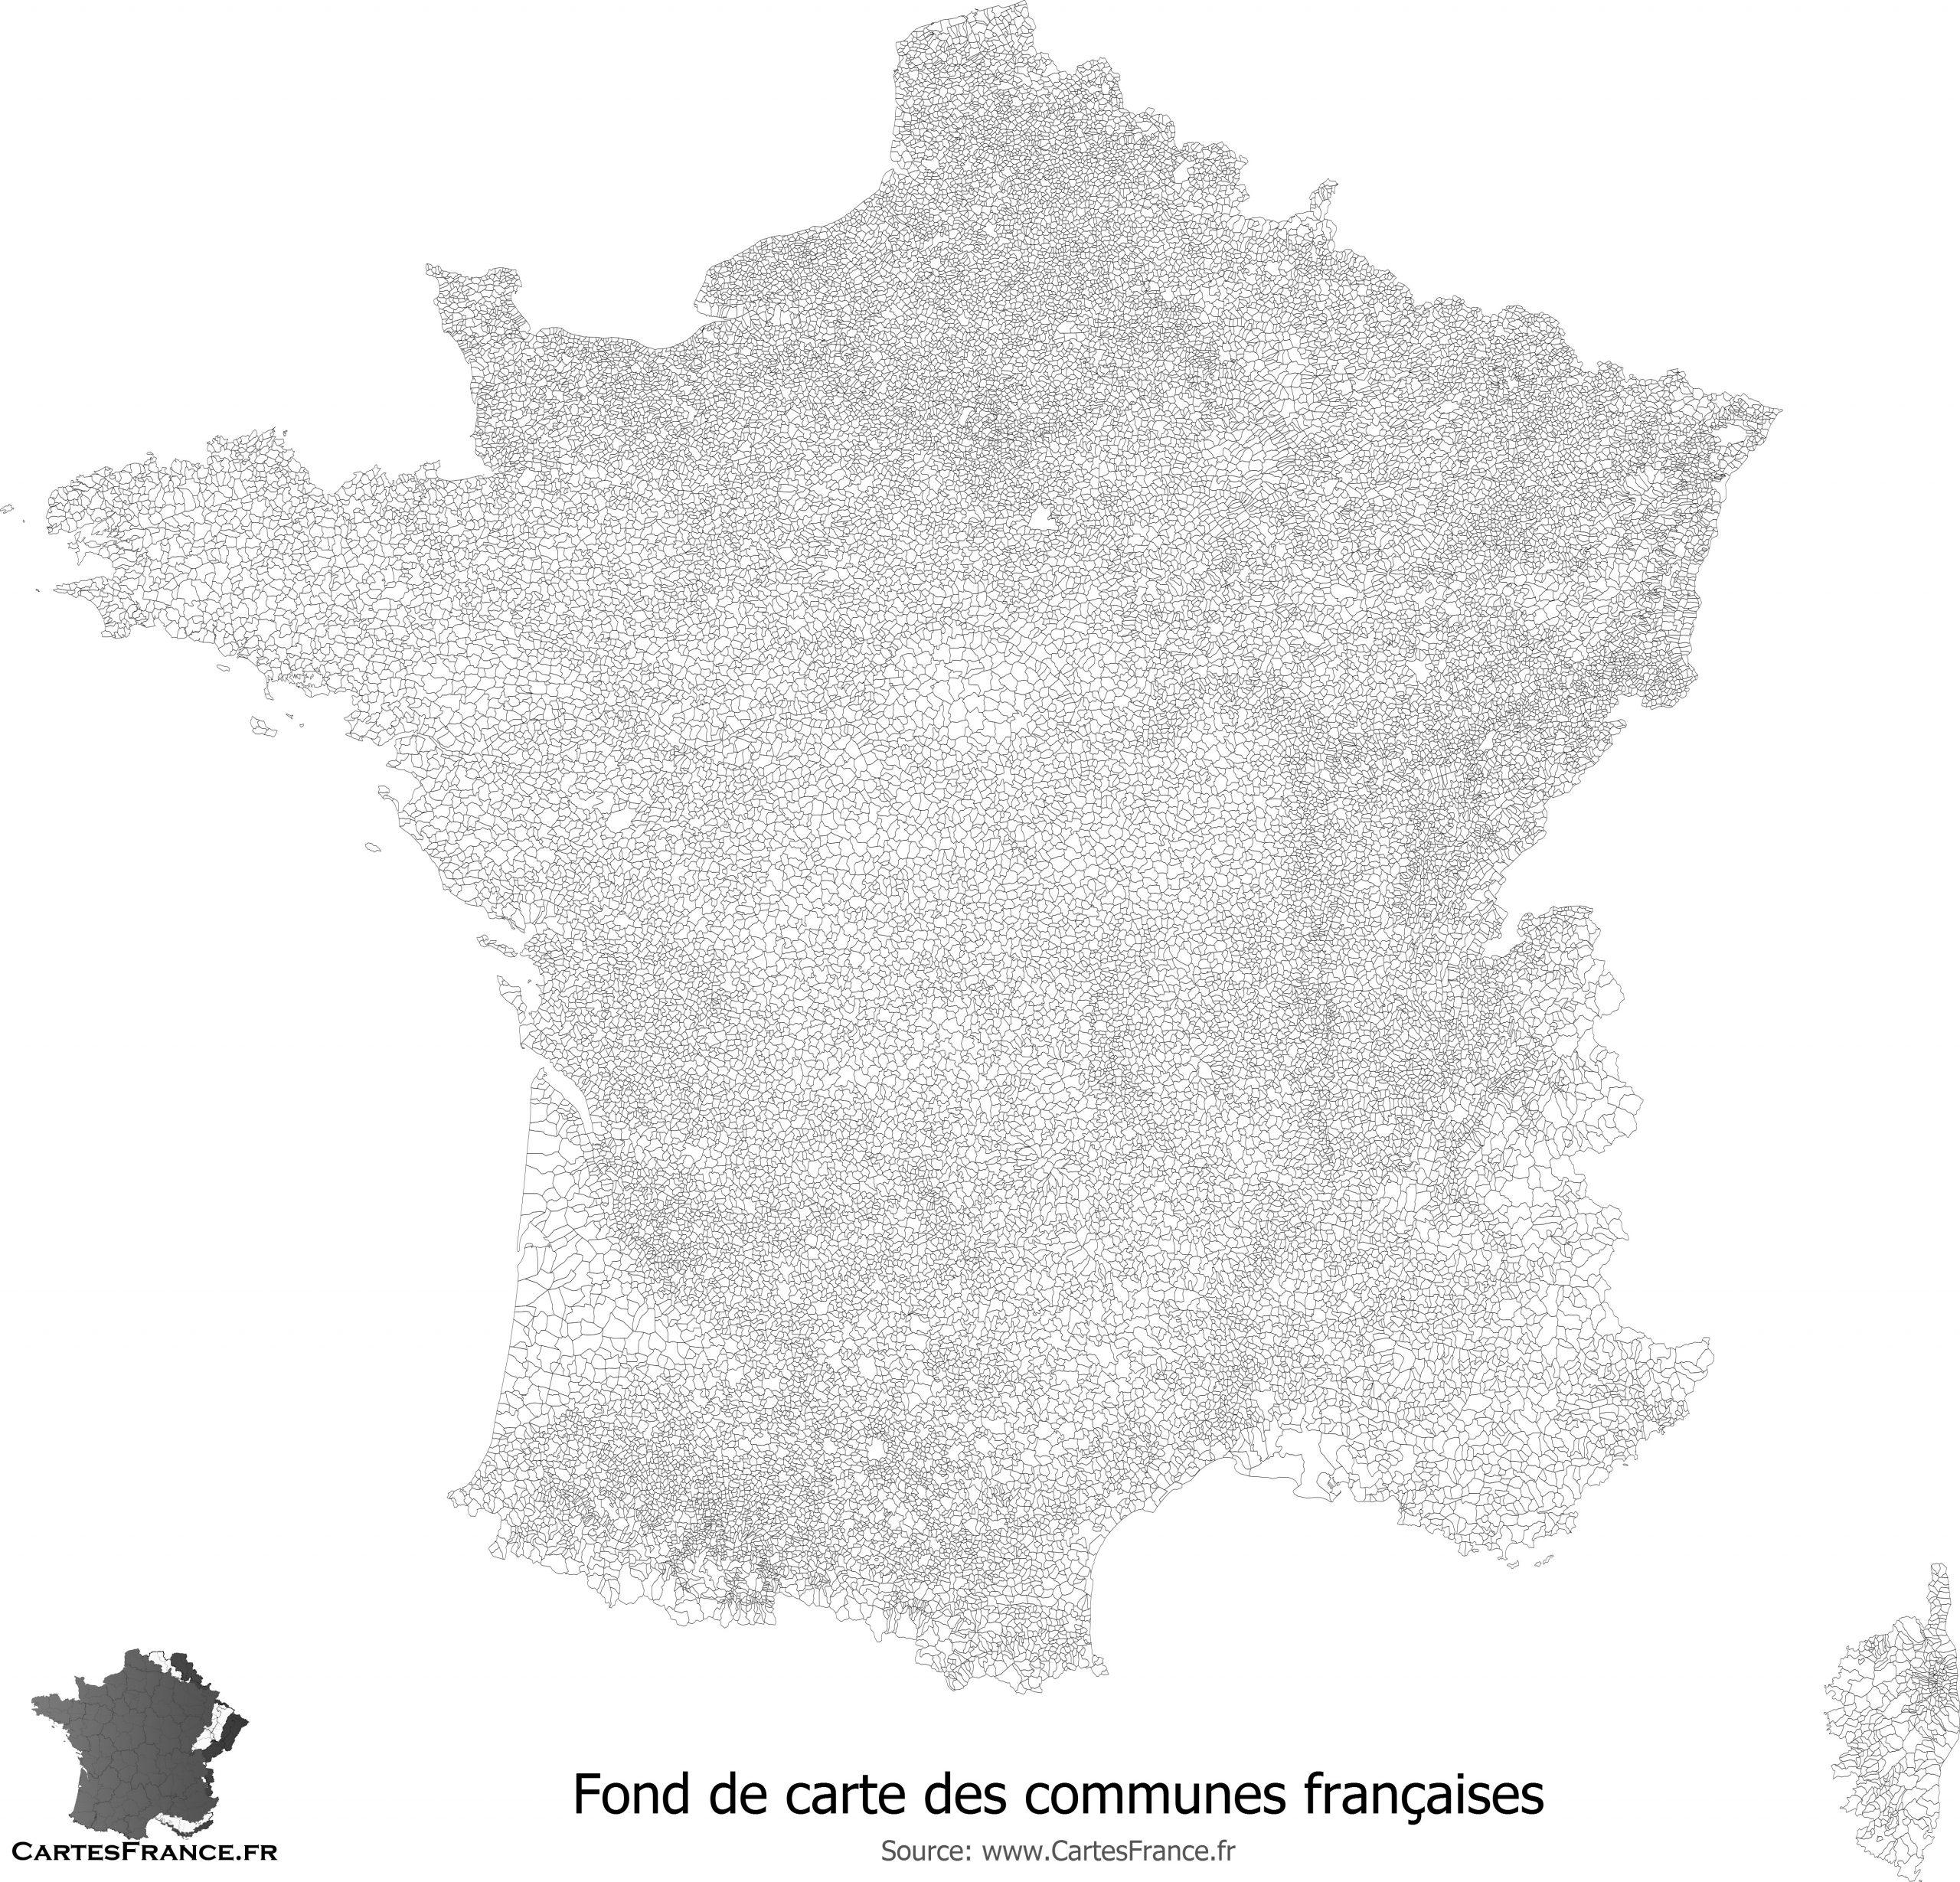 Fond De Carte Des Communes De France tout Fond De Carte France Vierge